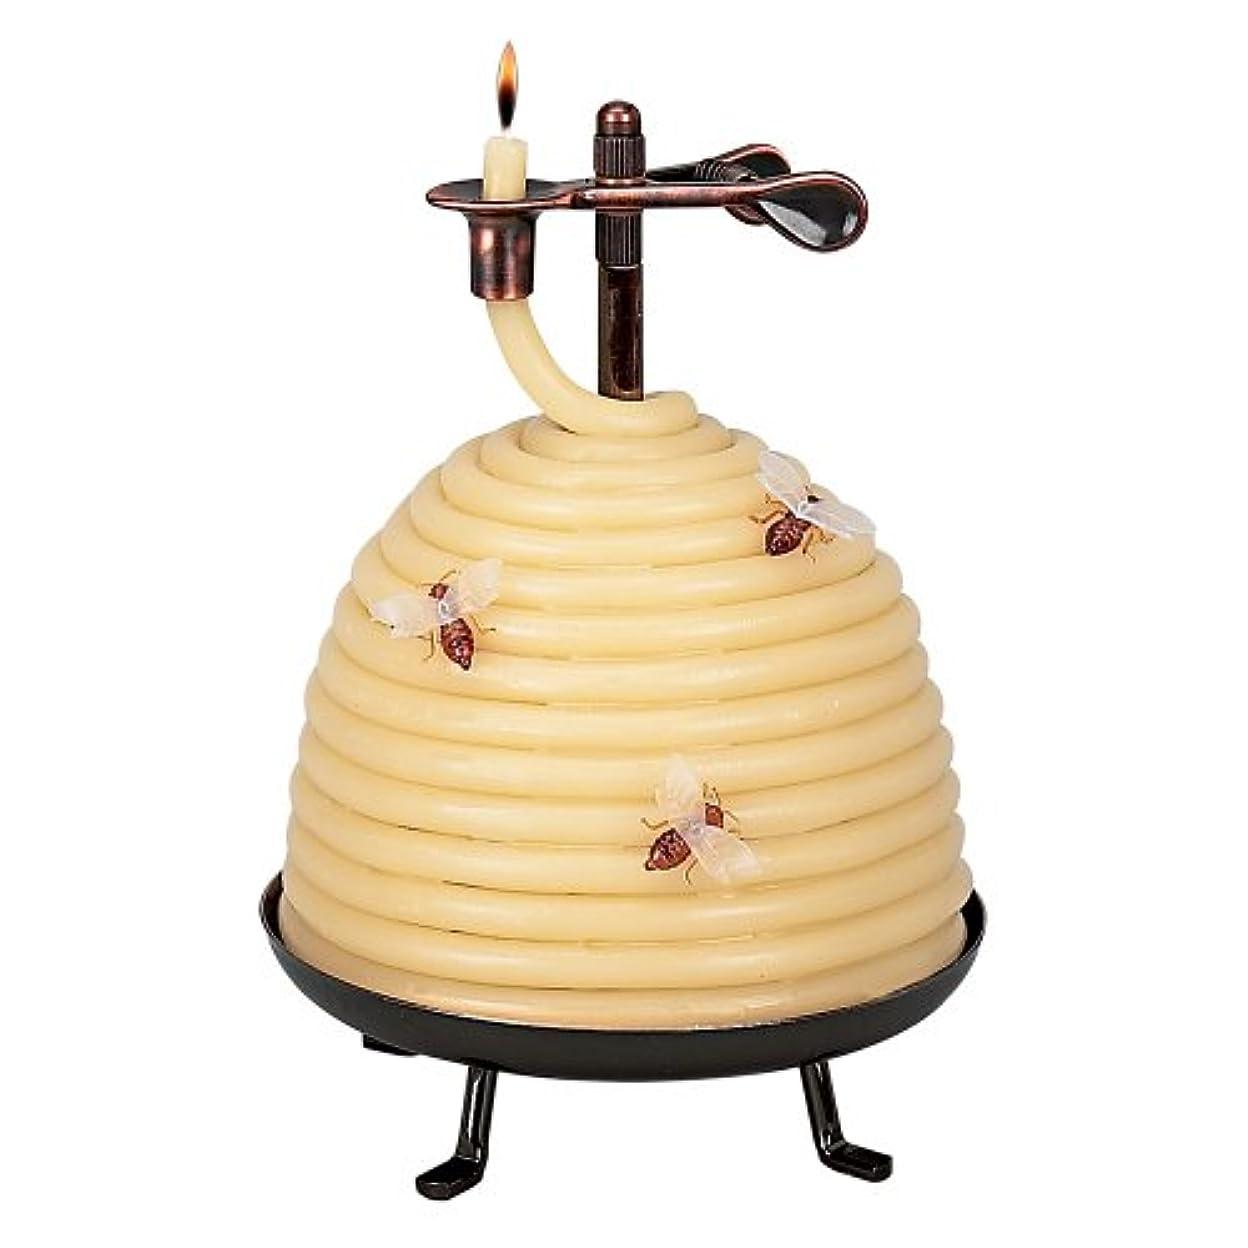 ポジション軌道スラッシュCandle By The Hour 20641B 70 Hour Beehive Coil Candle